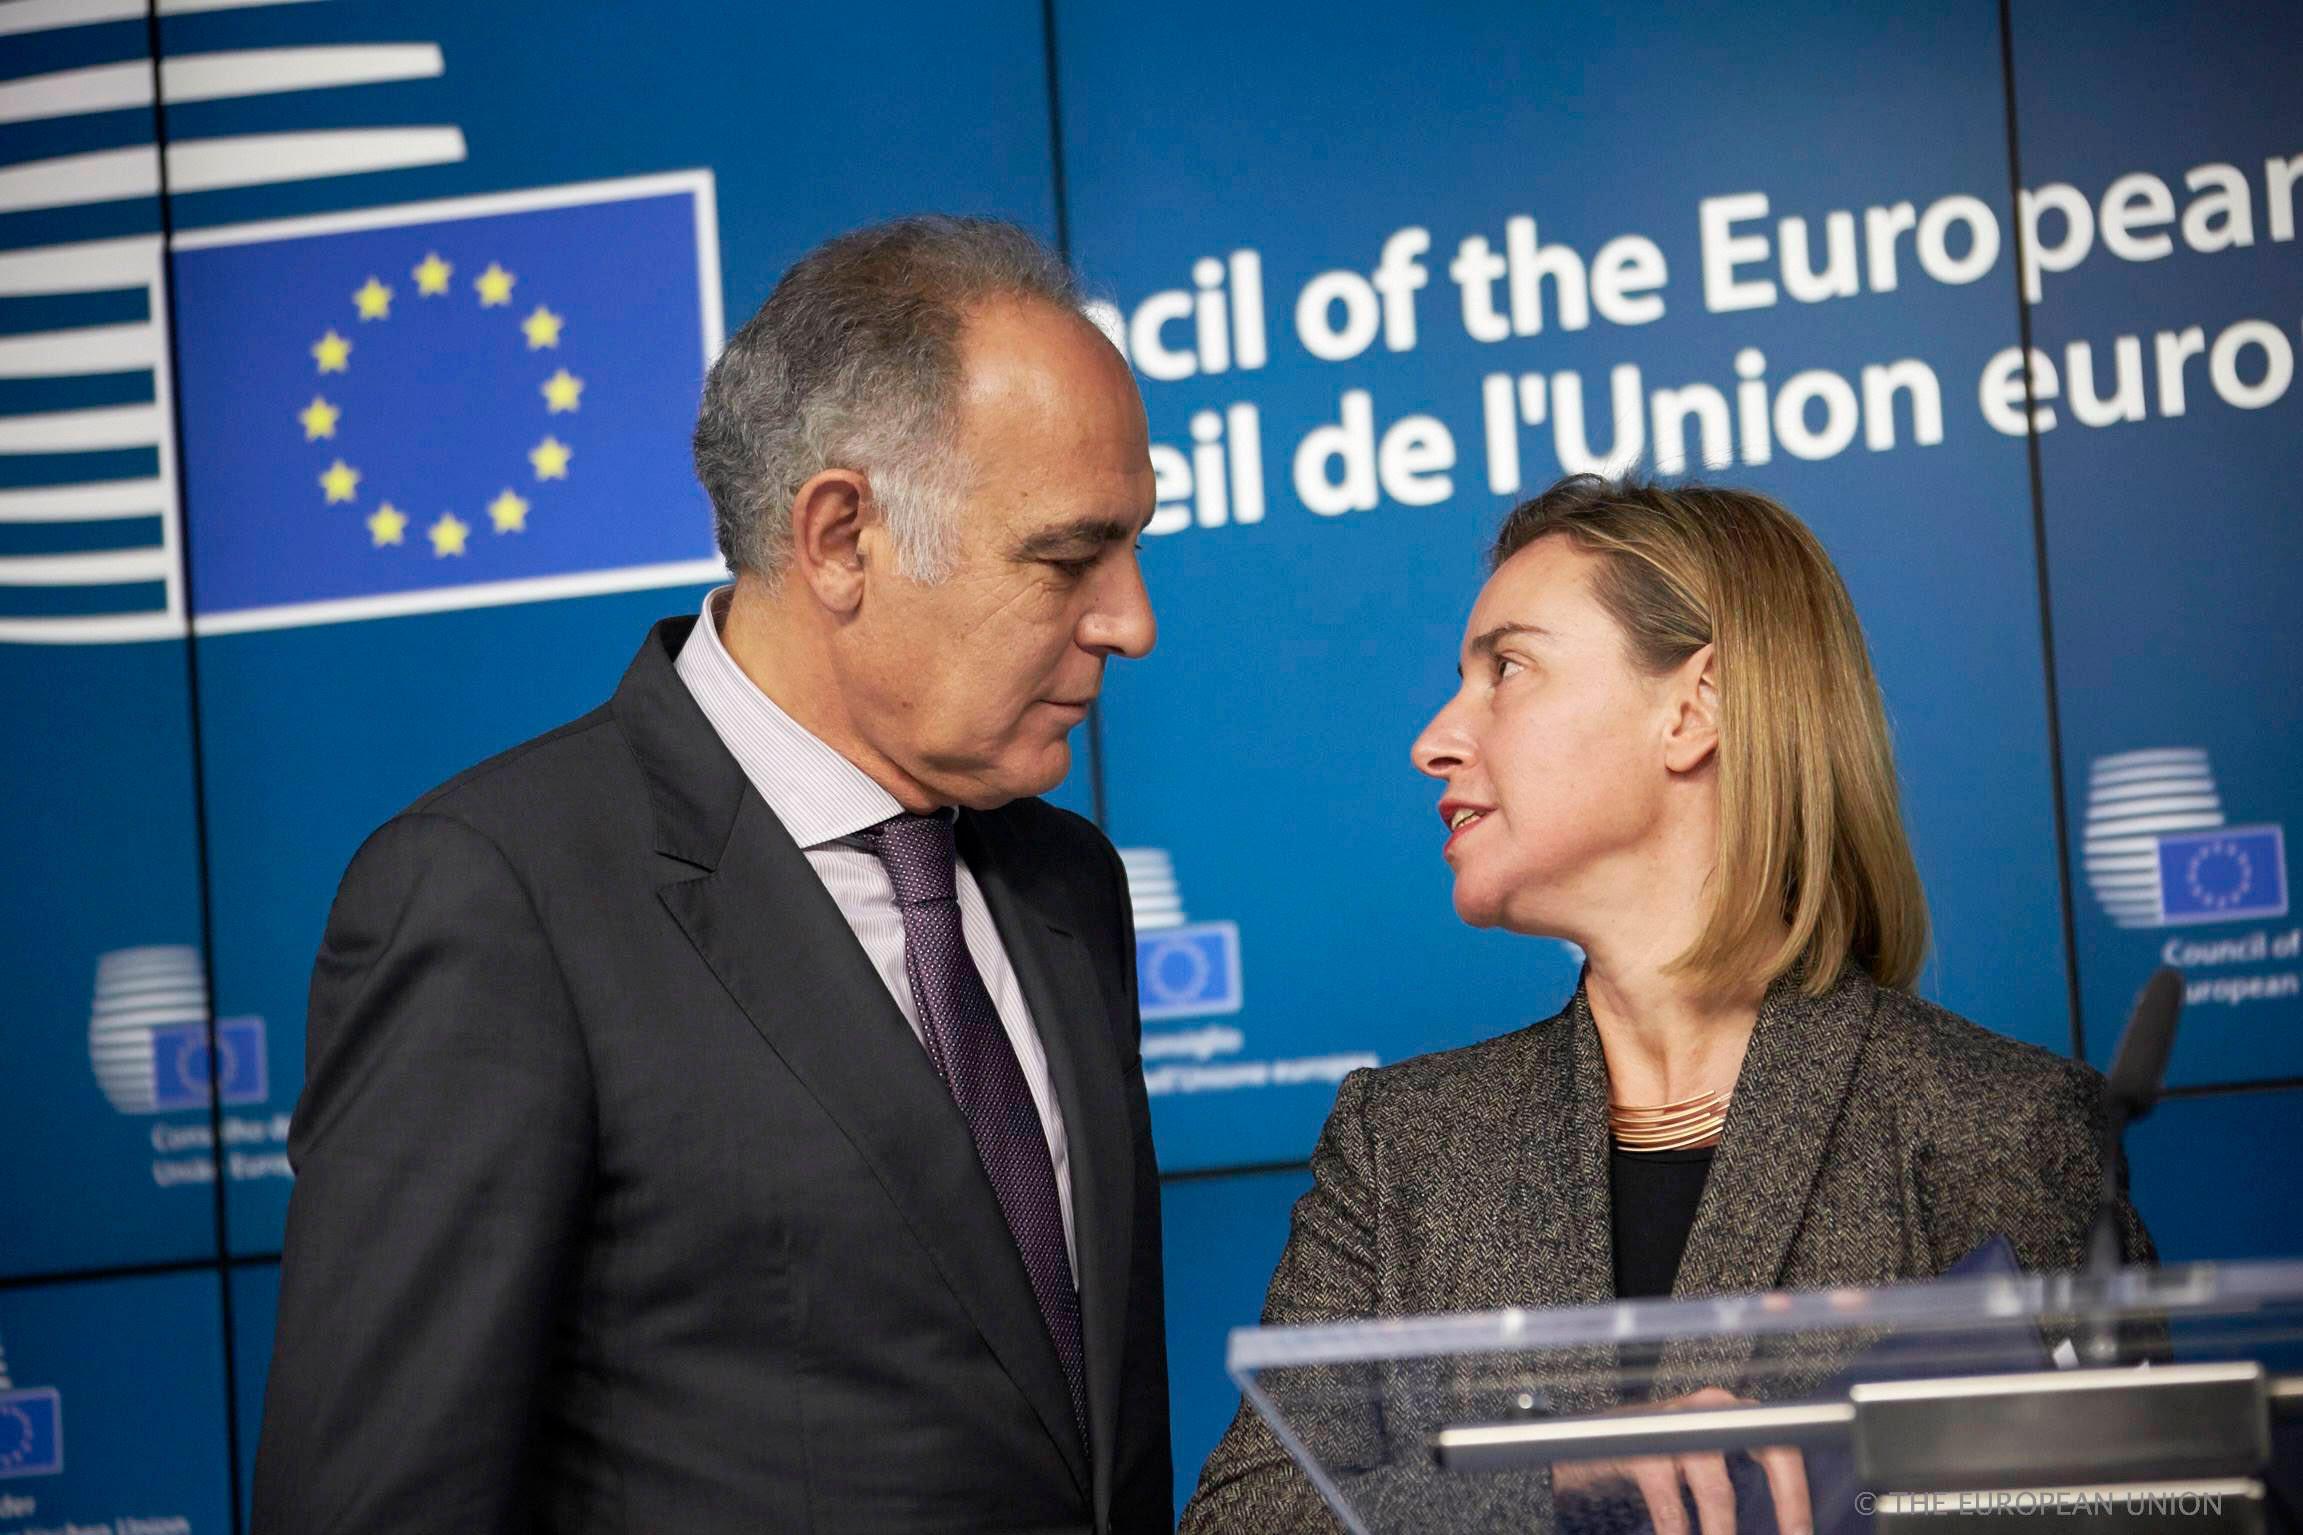 Maroc-UE : Les engagements internationaux de l'Europe seront respectés